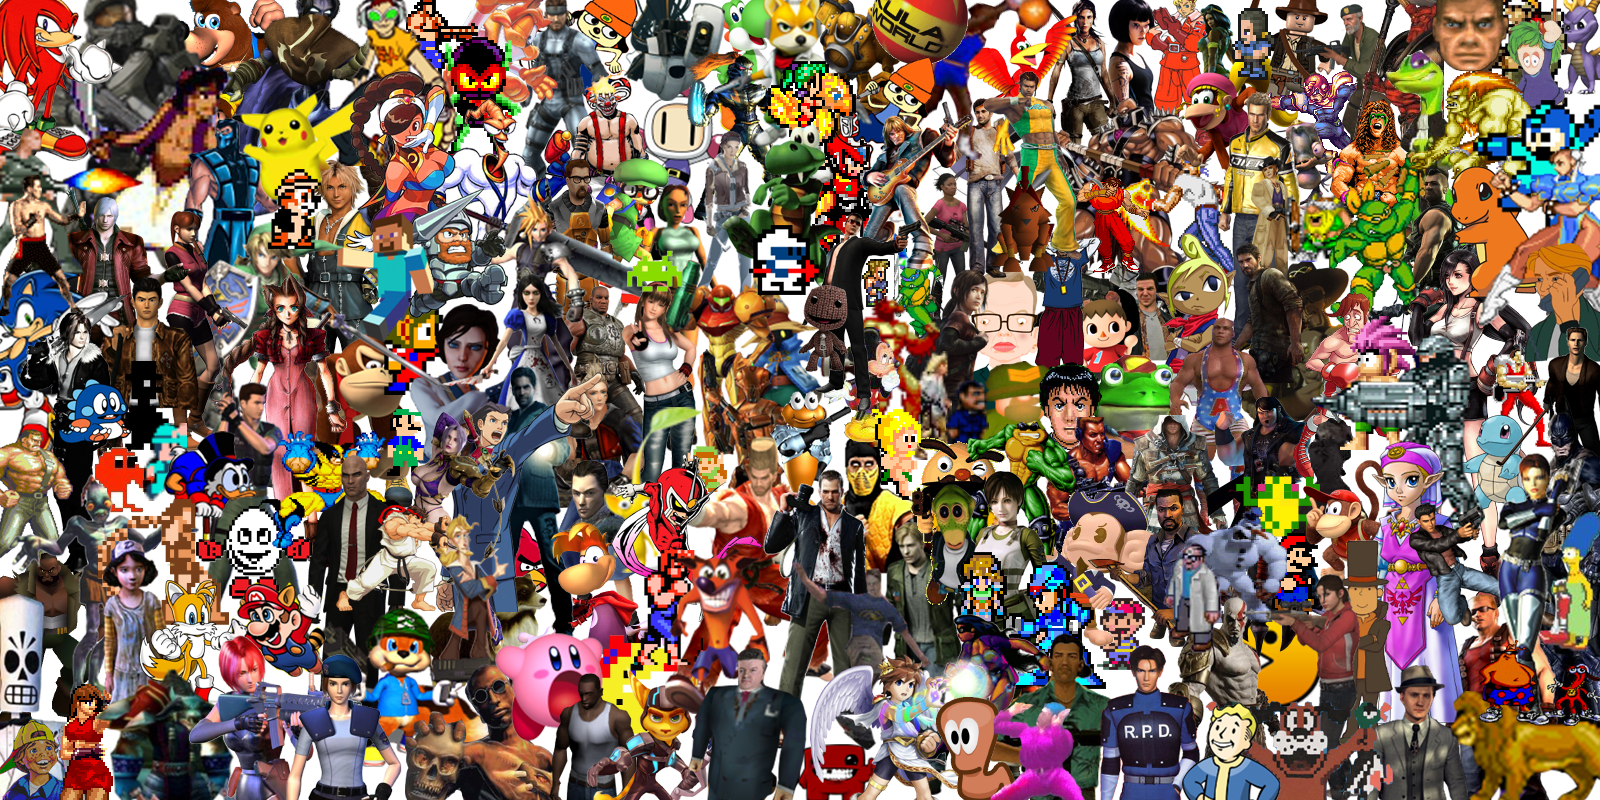 побольше много персонажей на одной картинке из игры фотографии почему-то заблокированы